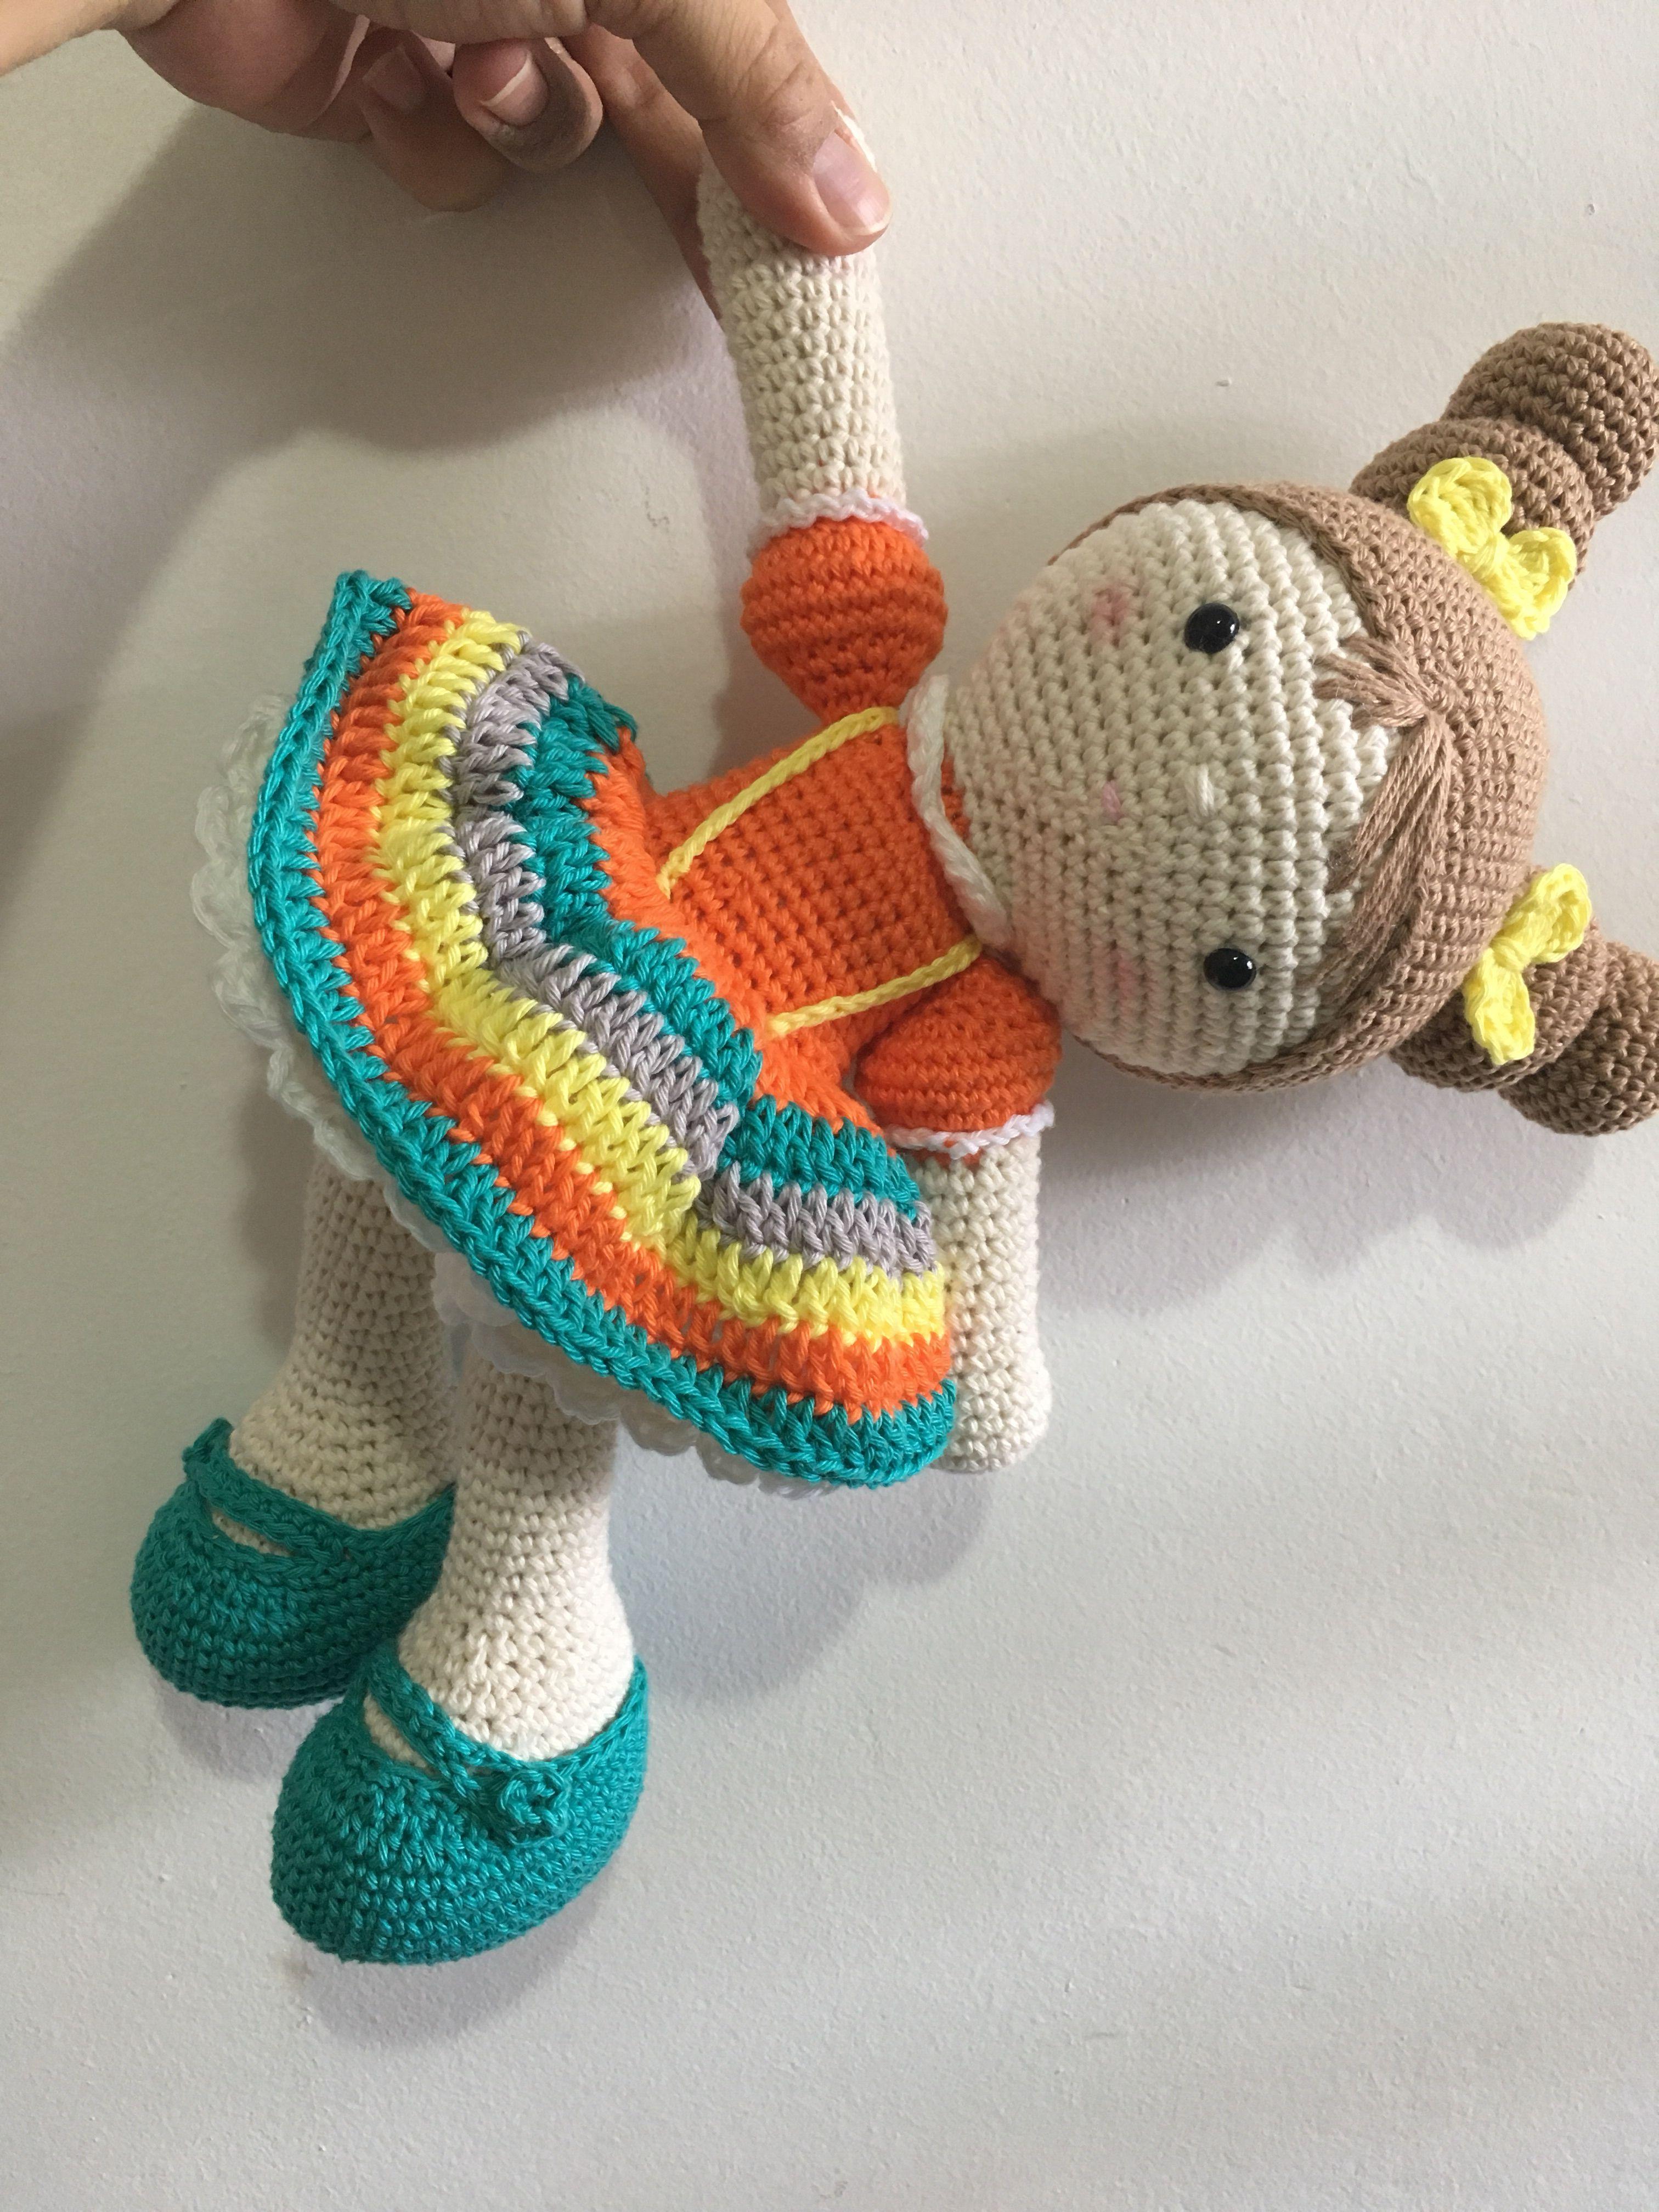 Boneca amigurumi/ boneca crochê (Angela) | Bonecas de crochê ... | 4032x3024